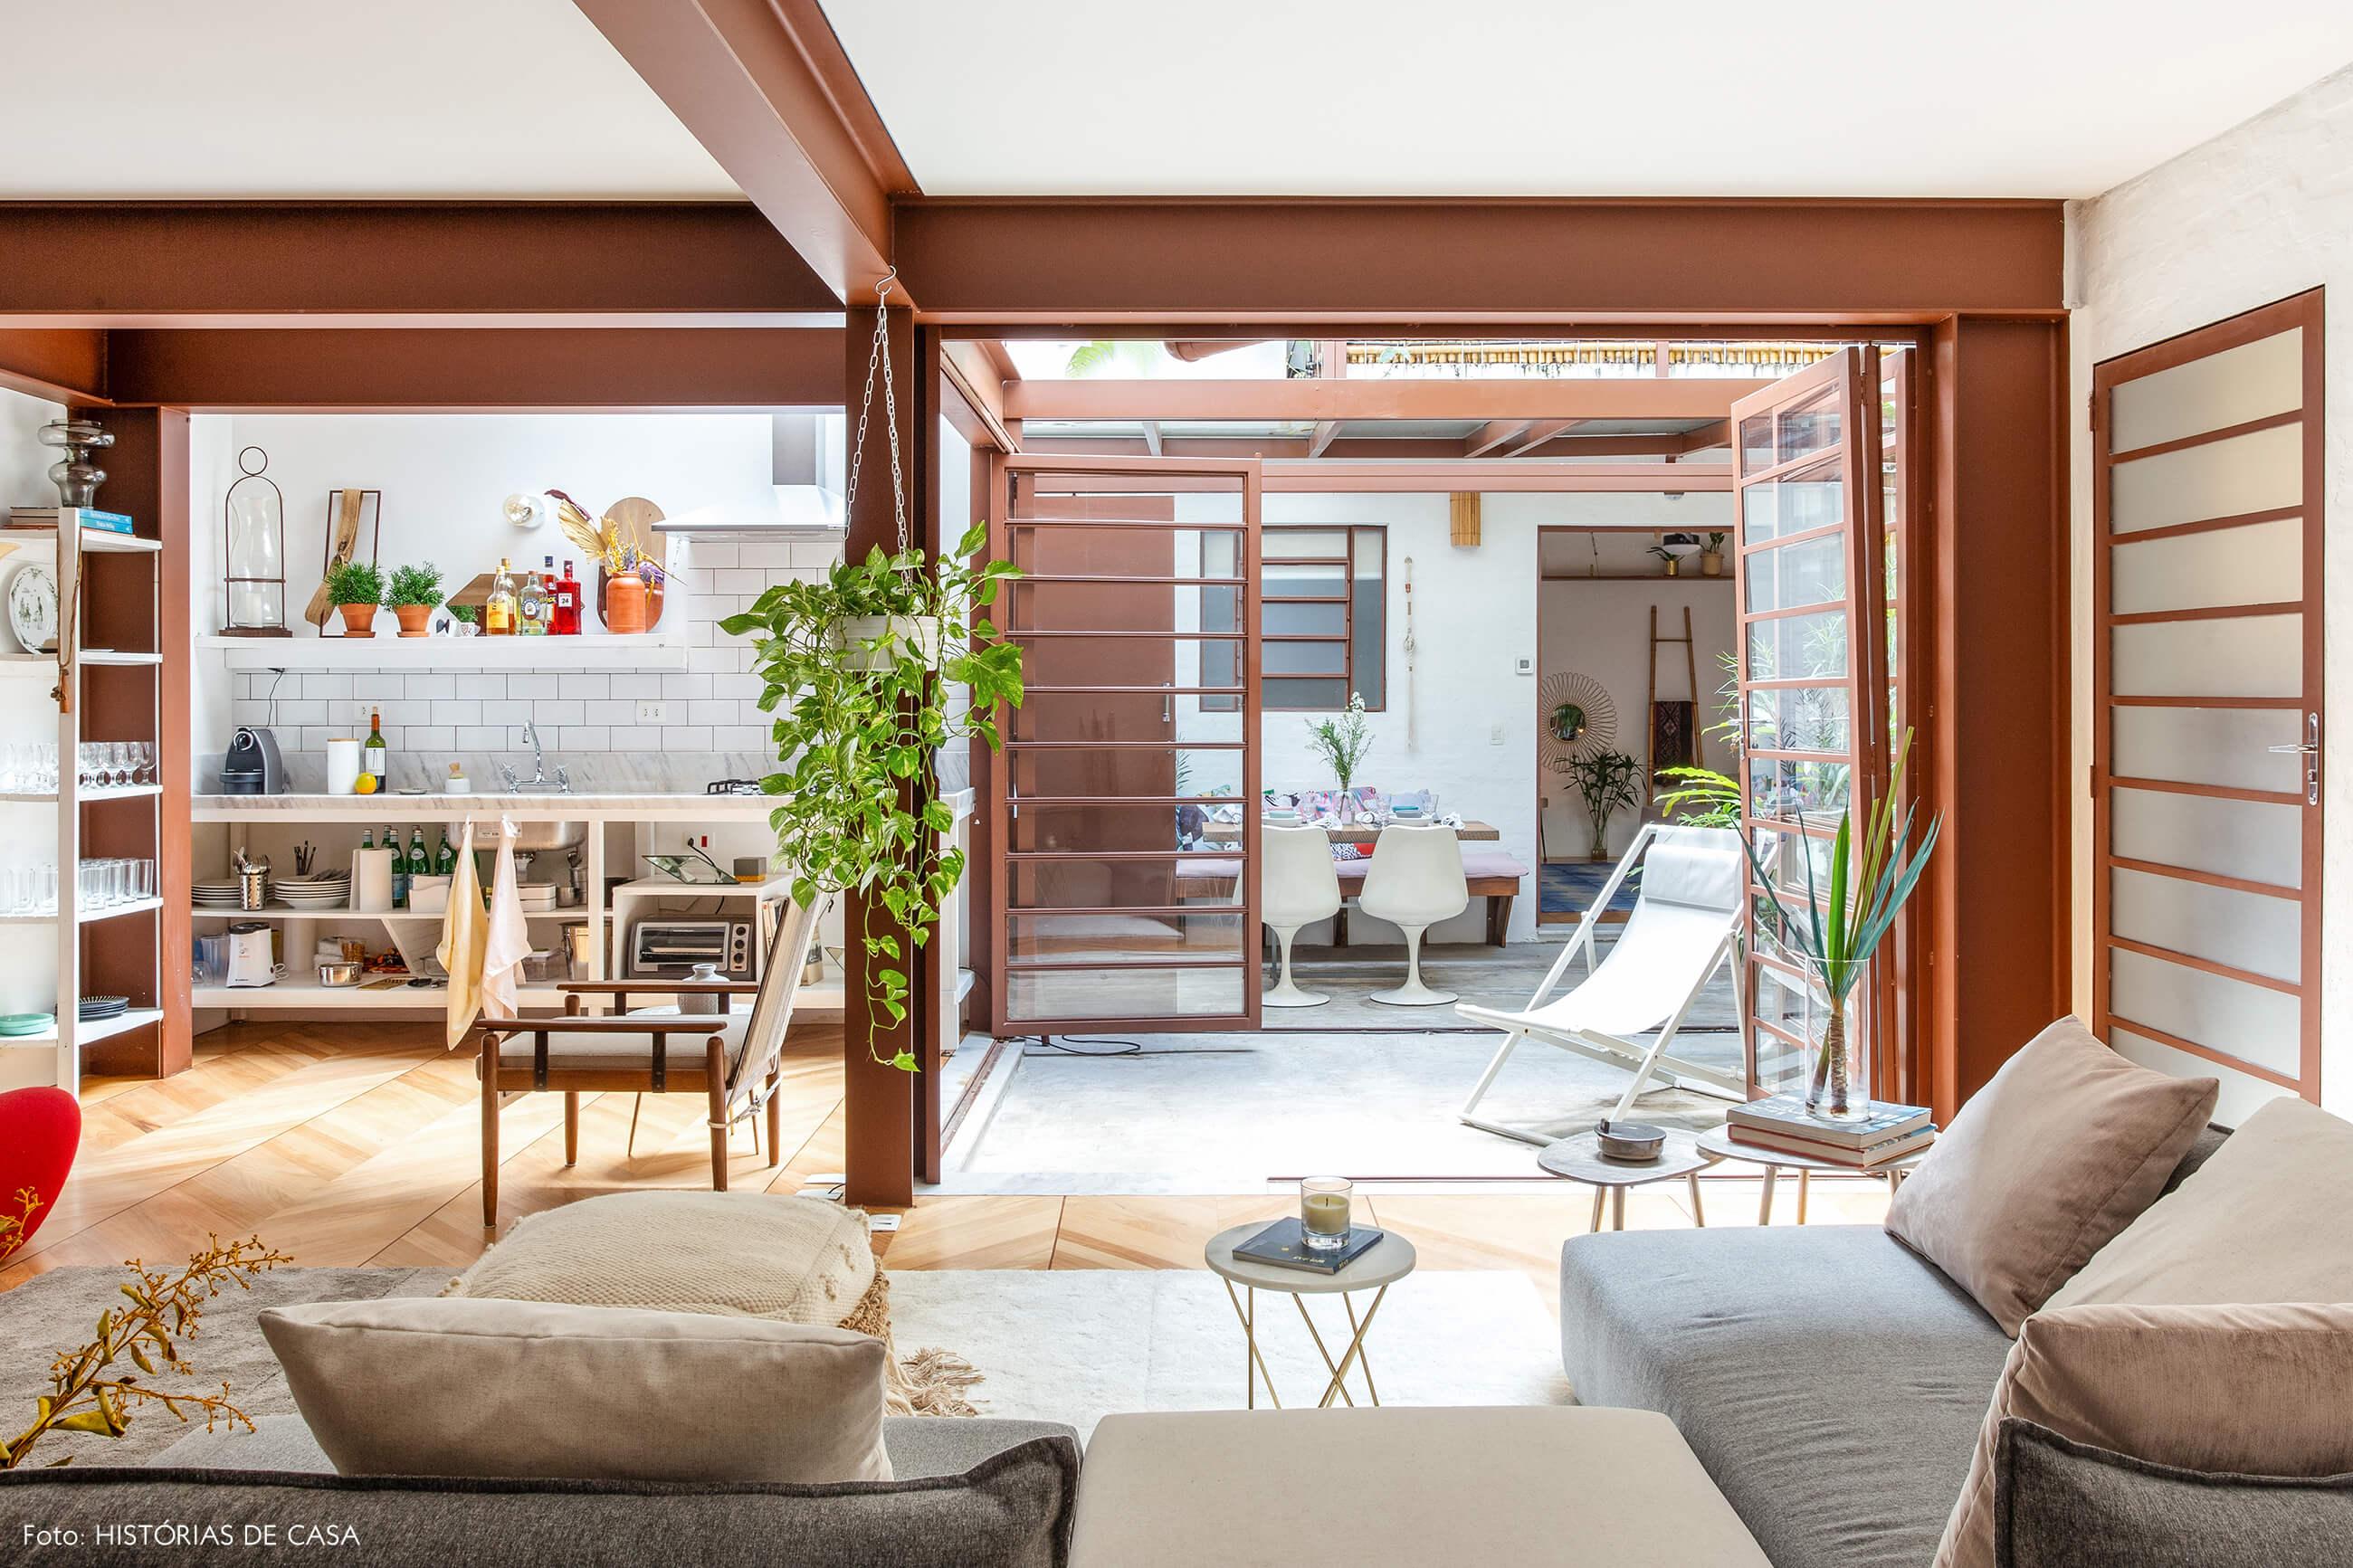 Sala integrada com vigas metálicas e jardim